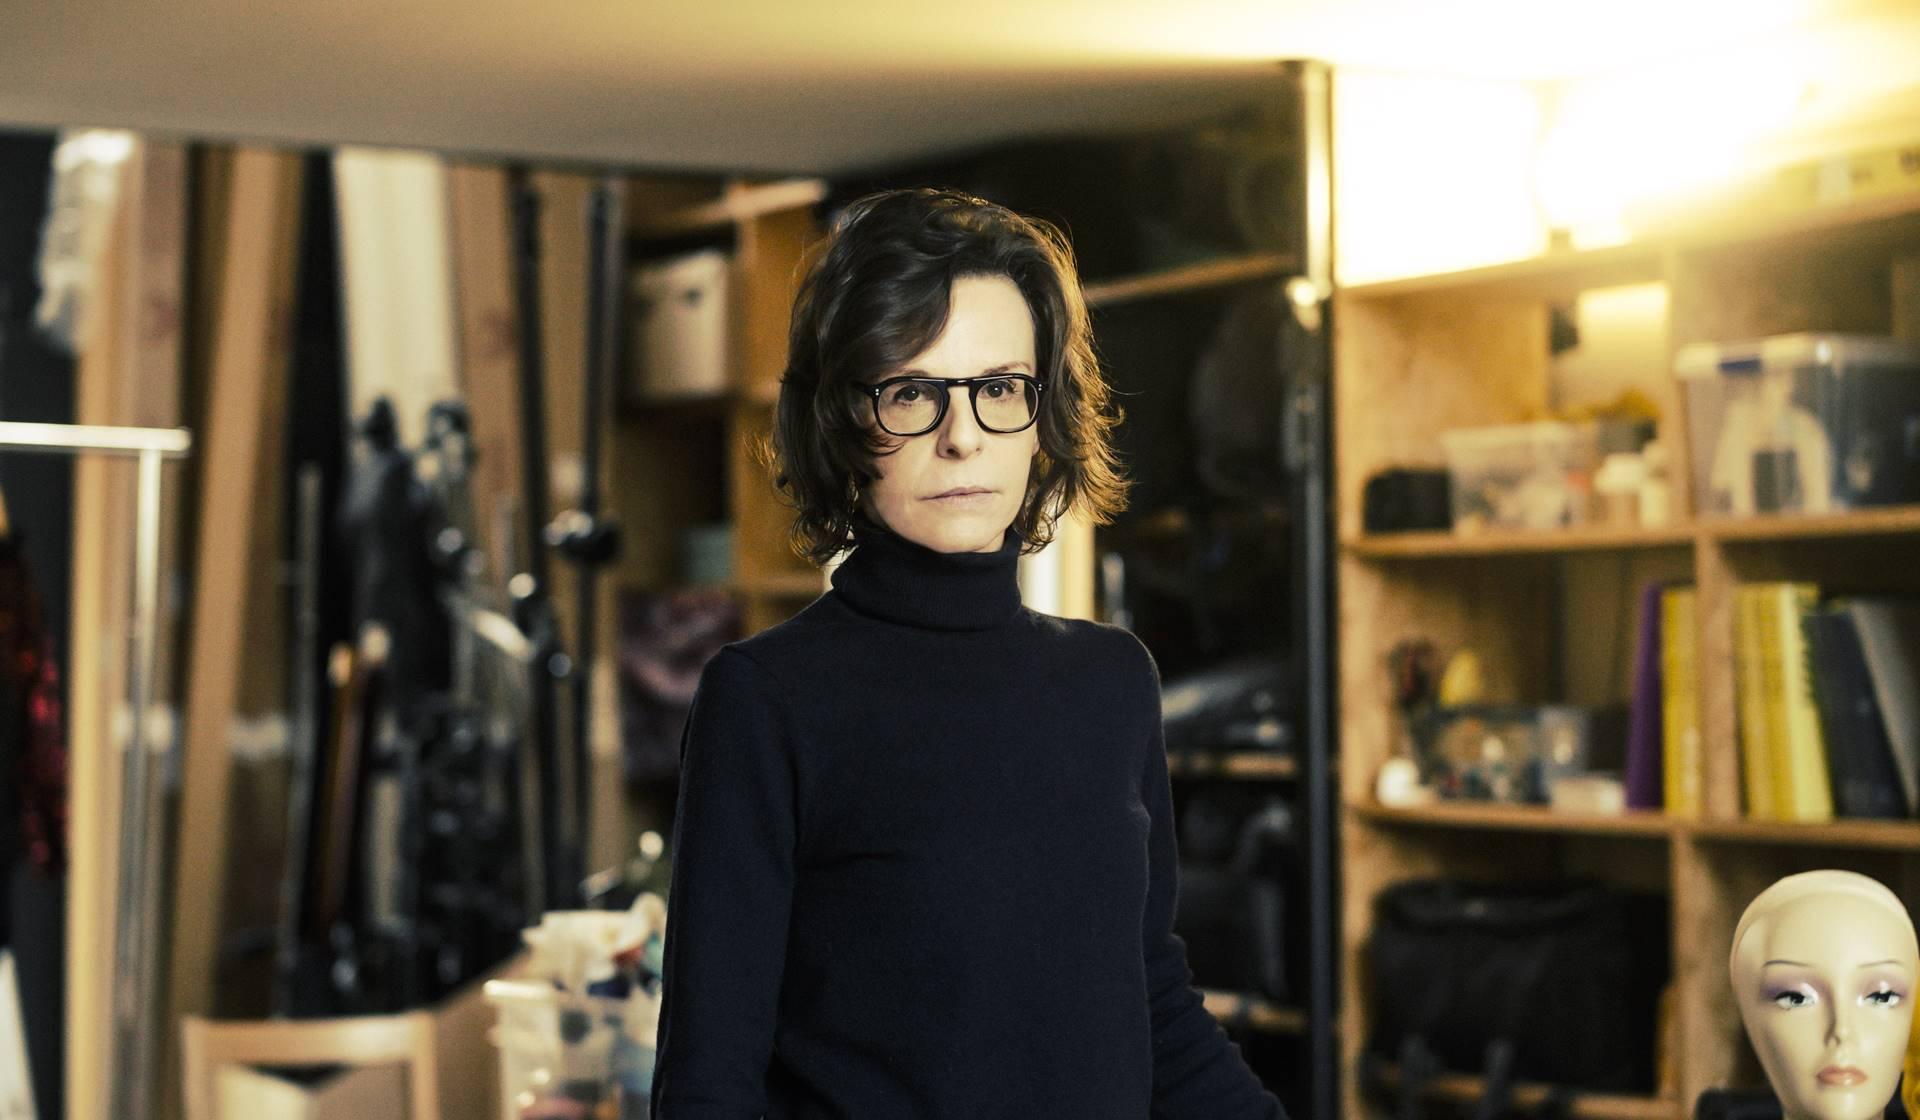 Valérie Belin, photographe Paris, le 10 janvier 2020 ©Frédéric Stucin